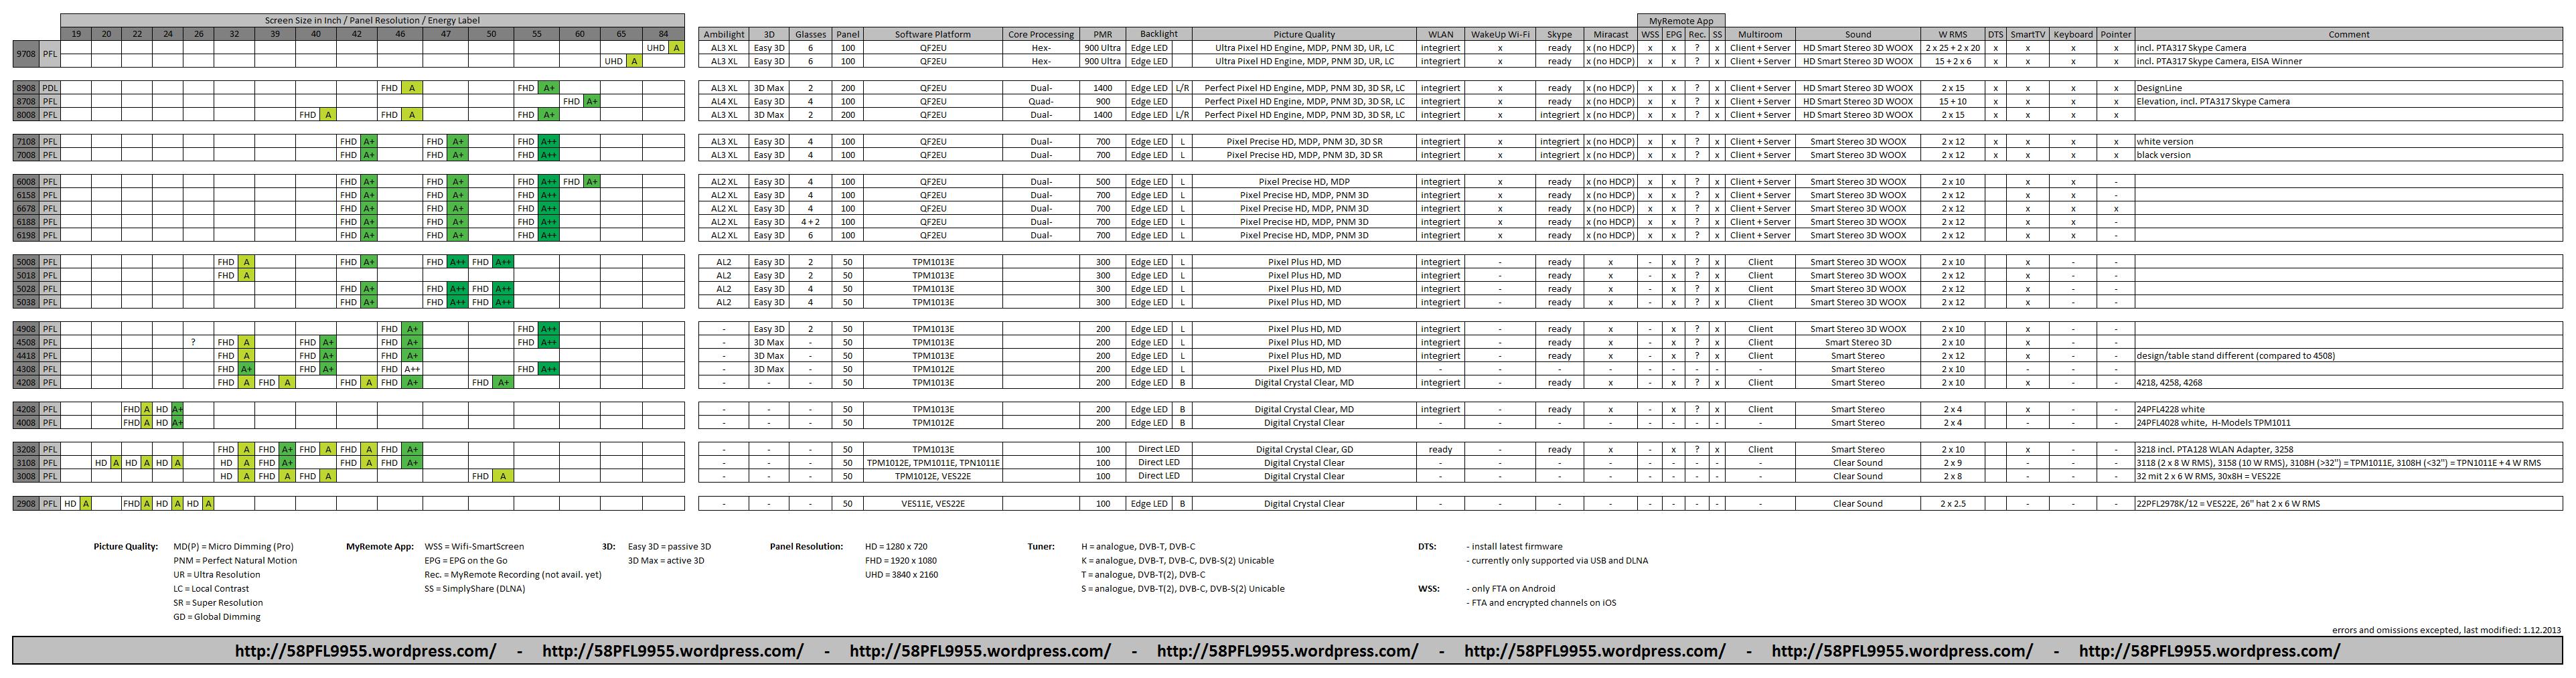 LCD теРевизоры фирмы Philips Обсуждение Новички прочтите дРя начаРа FAQ ссыРка на первой странице темы часть 17 Версия дРя печати Конференция